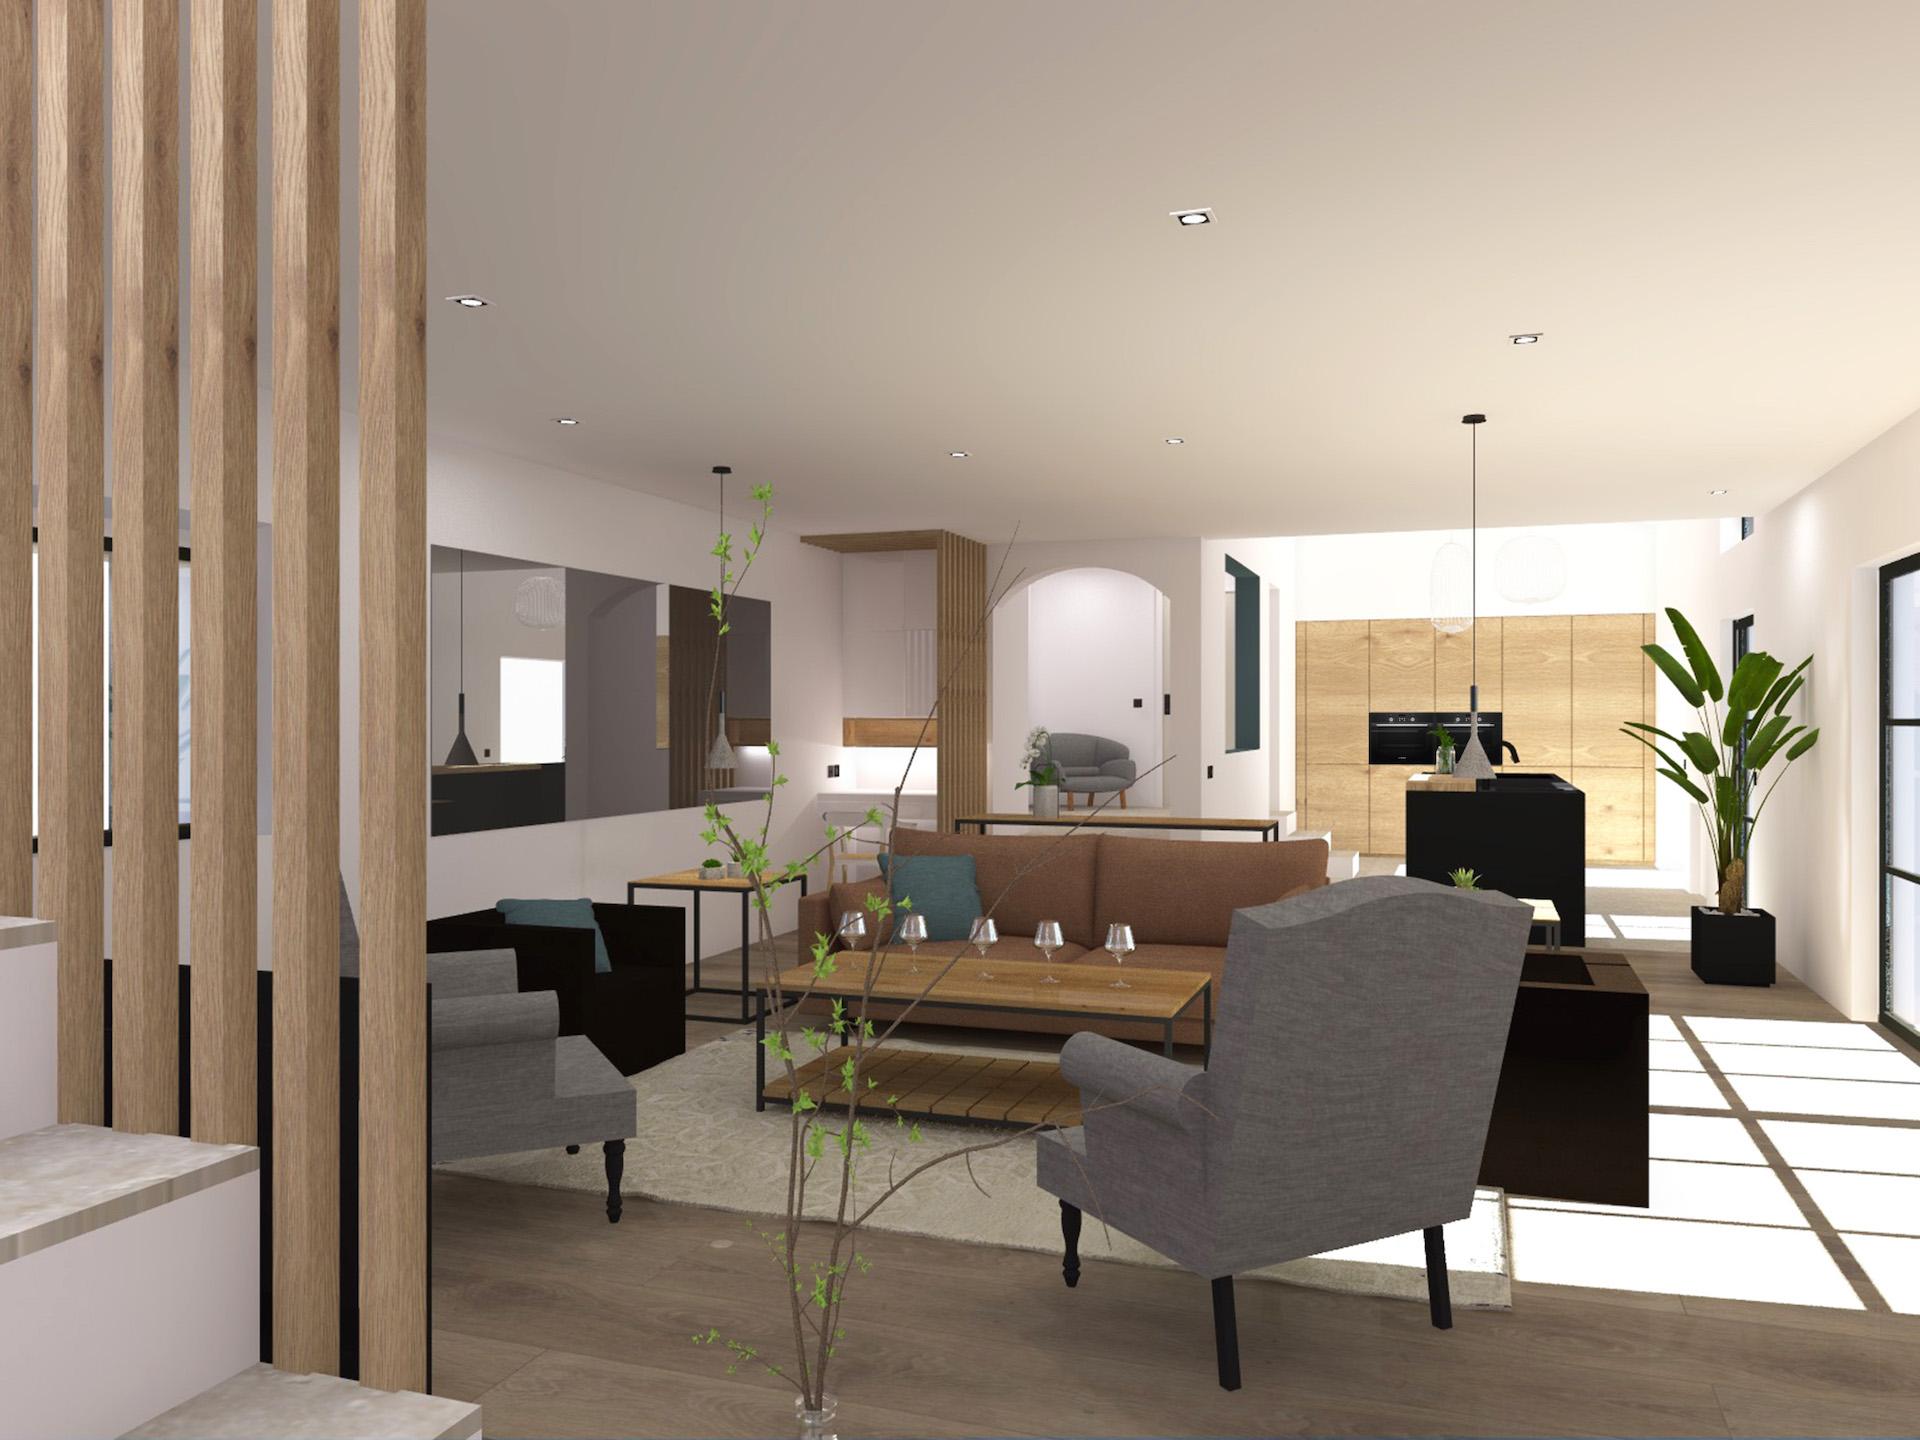 Décoration-cuisine-salon-Sainte-Maxime-architecte-interieur-var3